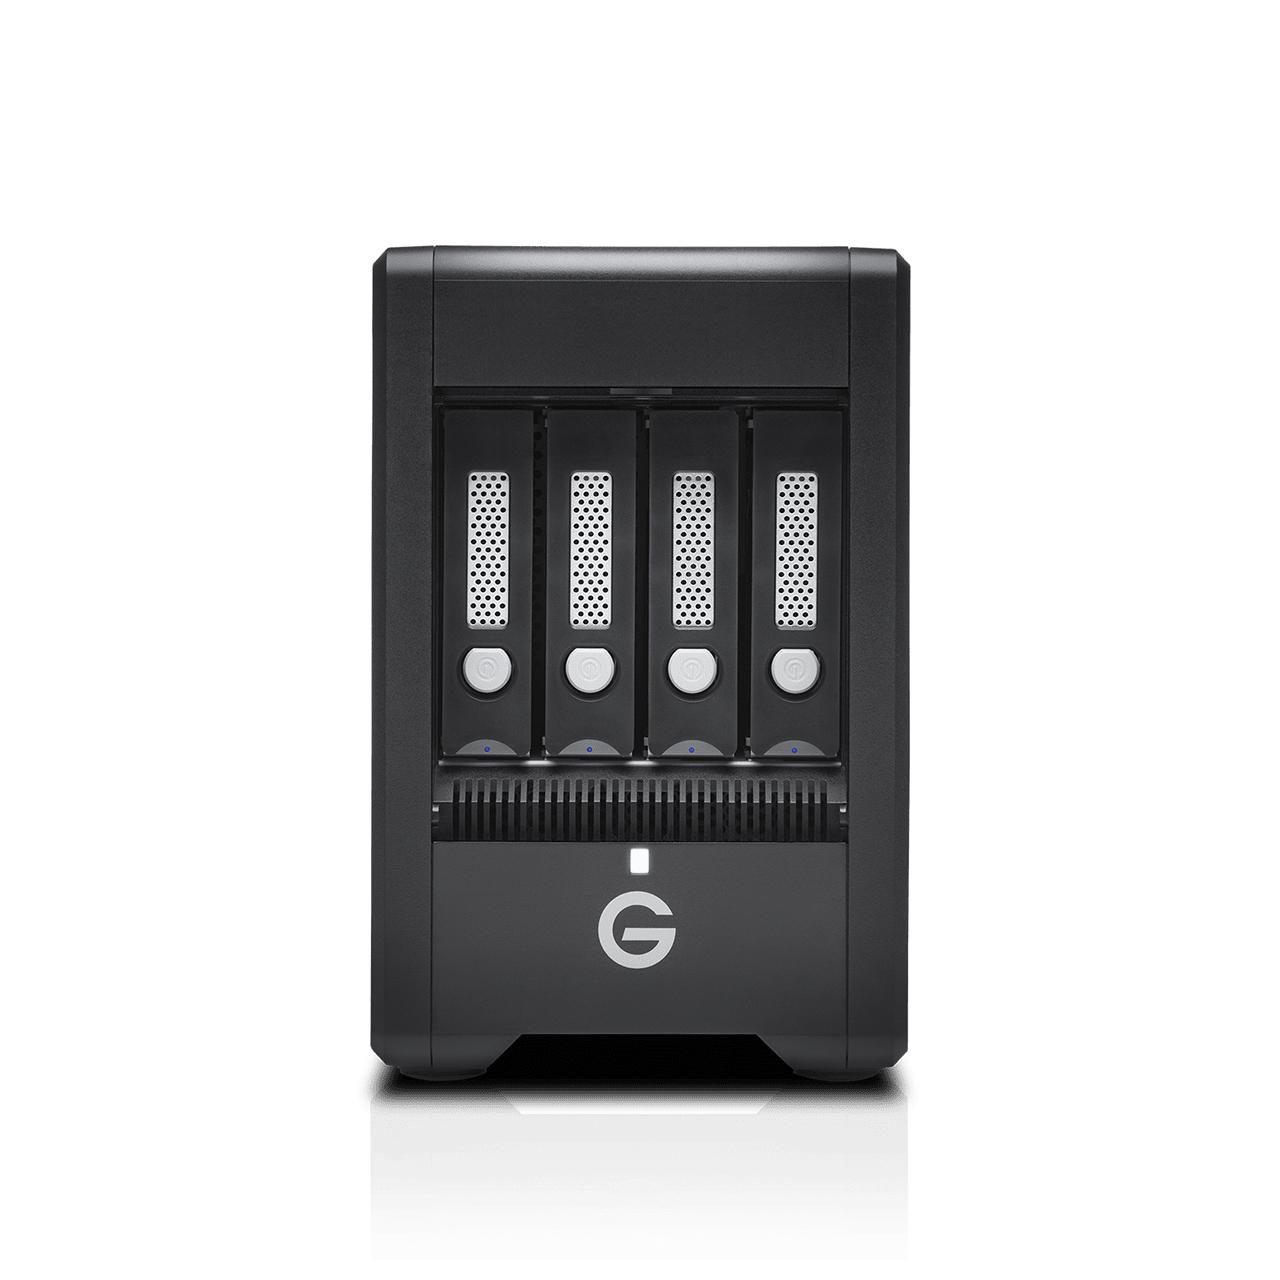 G-Technology G-SPEED Shuttle unidad de disco multiple 56 TB Escritorio Negro